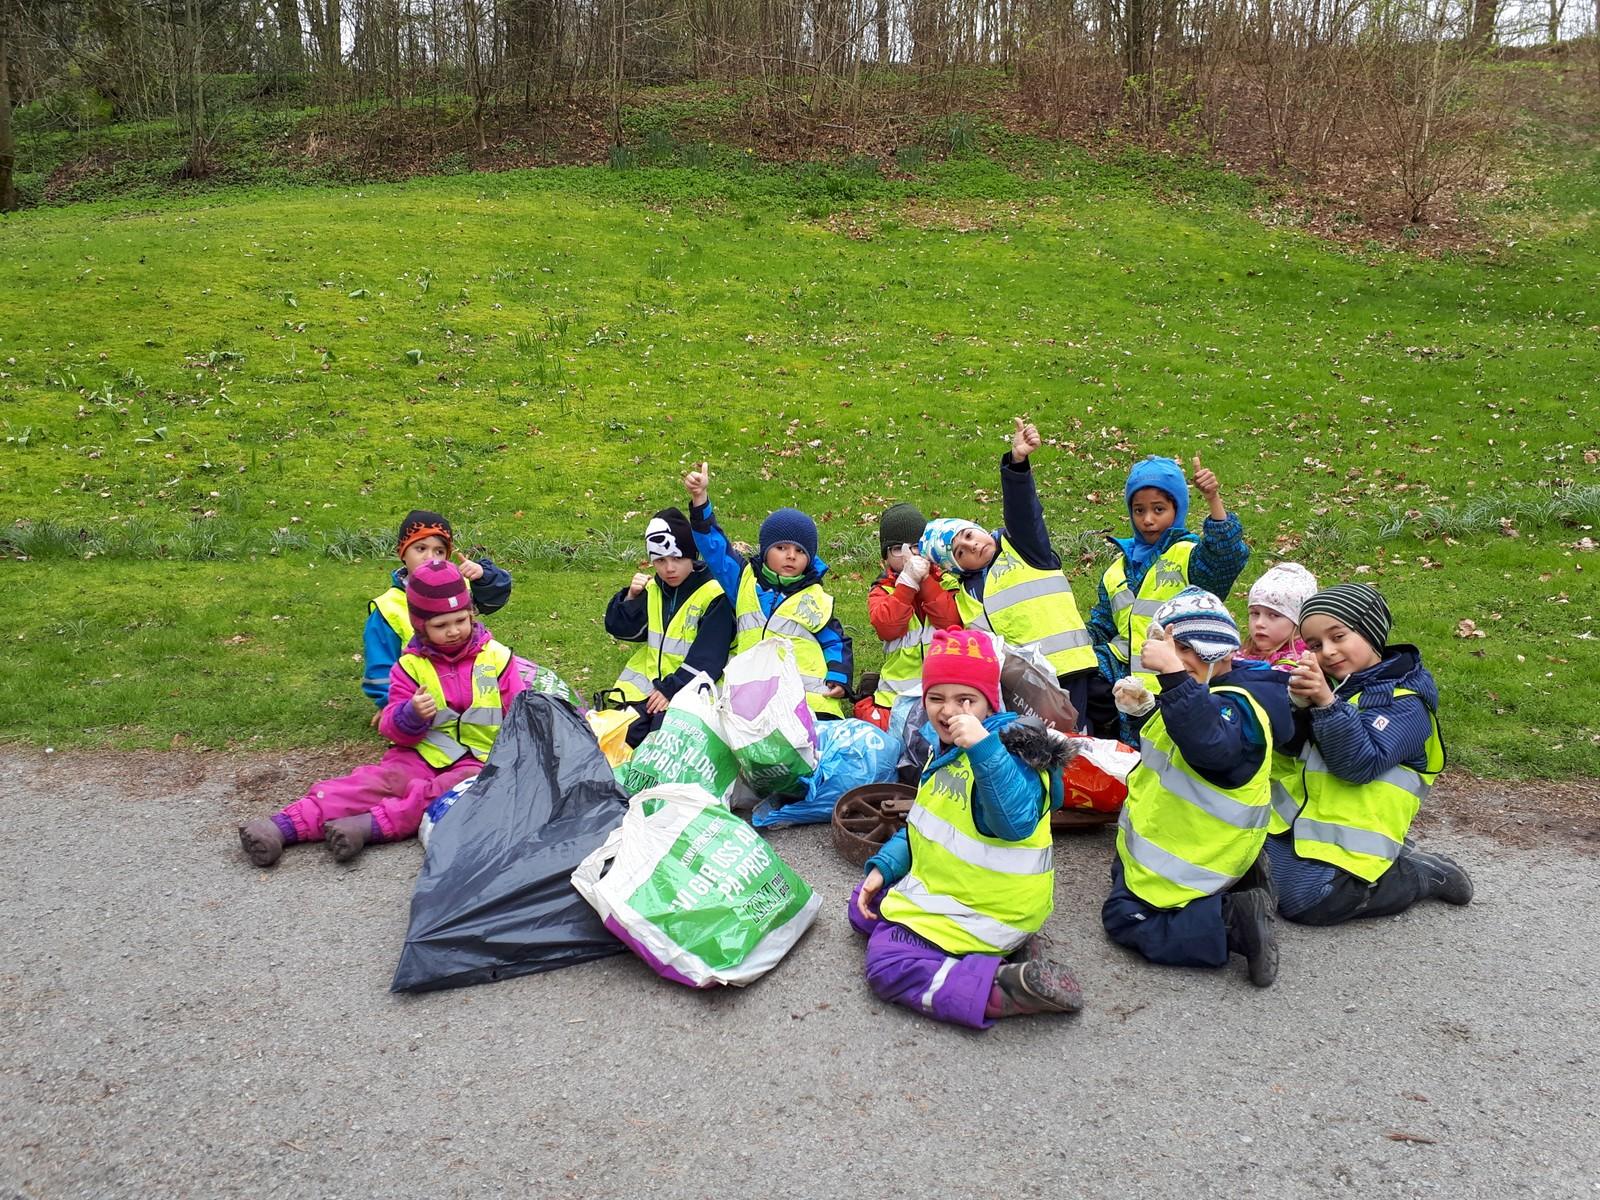 Myrsnipa barnehage er med på Hele Rogaland rydder. Tidligere i år har vi ryddet i Melshei, Sørmarka g på Vaulen. Barna er opptatt av at dyr, fugler, hvaler og fisk kan skade seg eller dø av søppel. I dag plukket vi masse søppel i Sandvedparken, skriver Bertha S. Larsen.